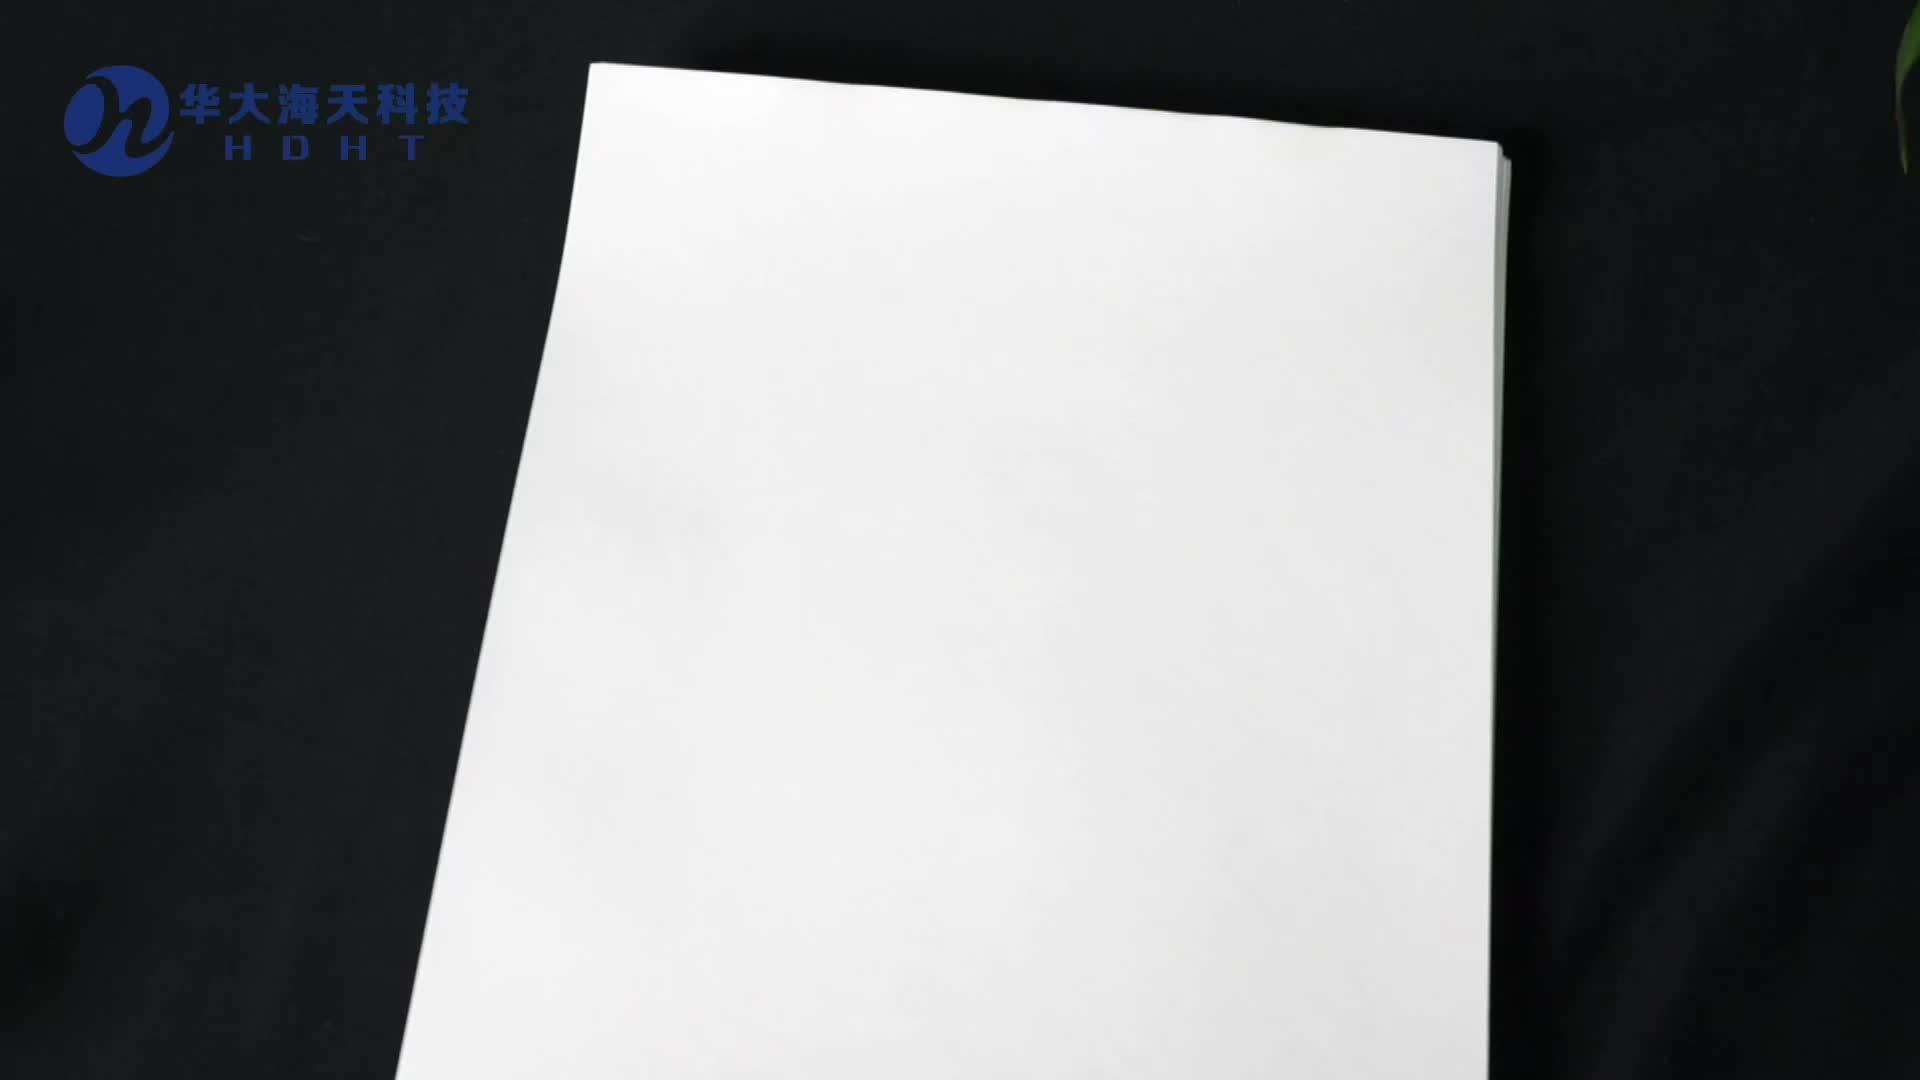 Atacado a melhor qualidade mais barato papel de transferência de sublimação A4/A3 tamanho